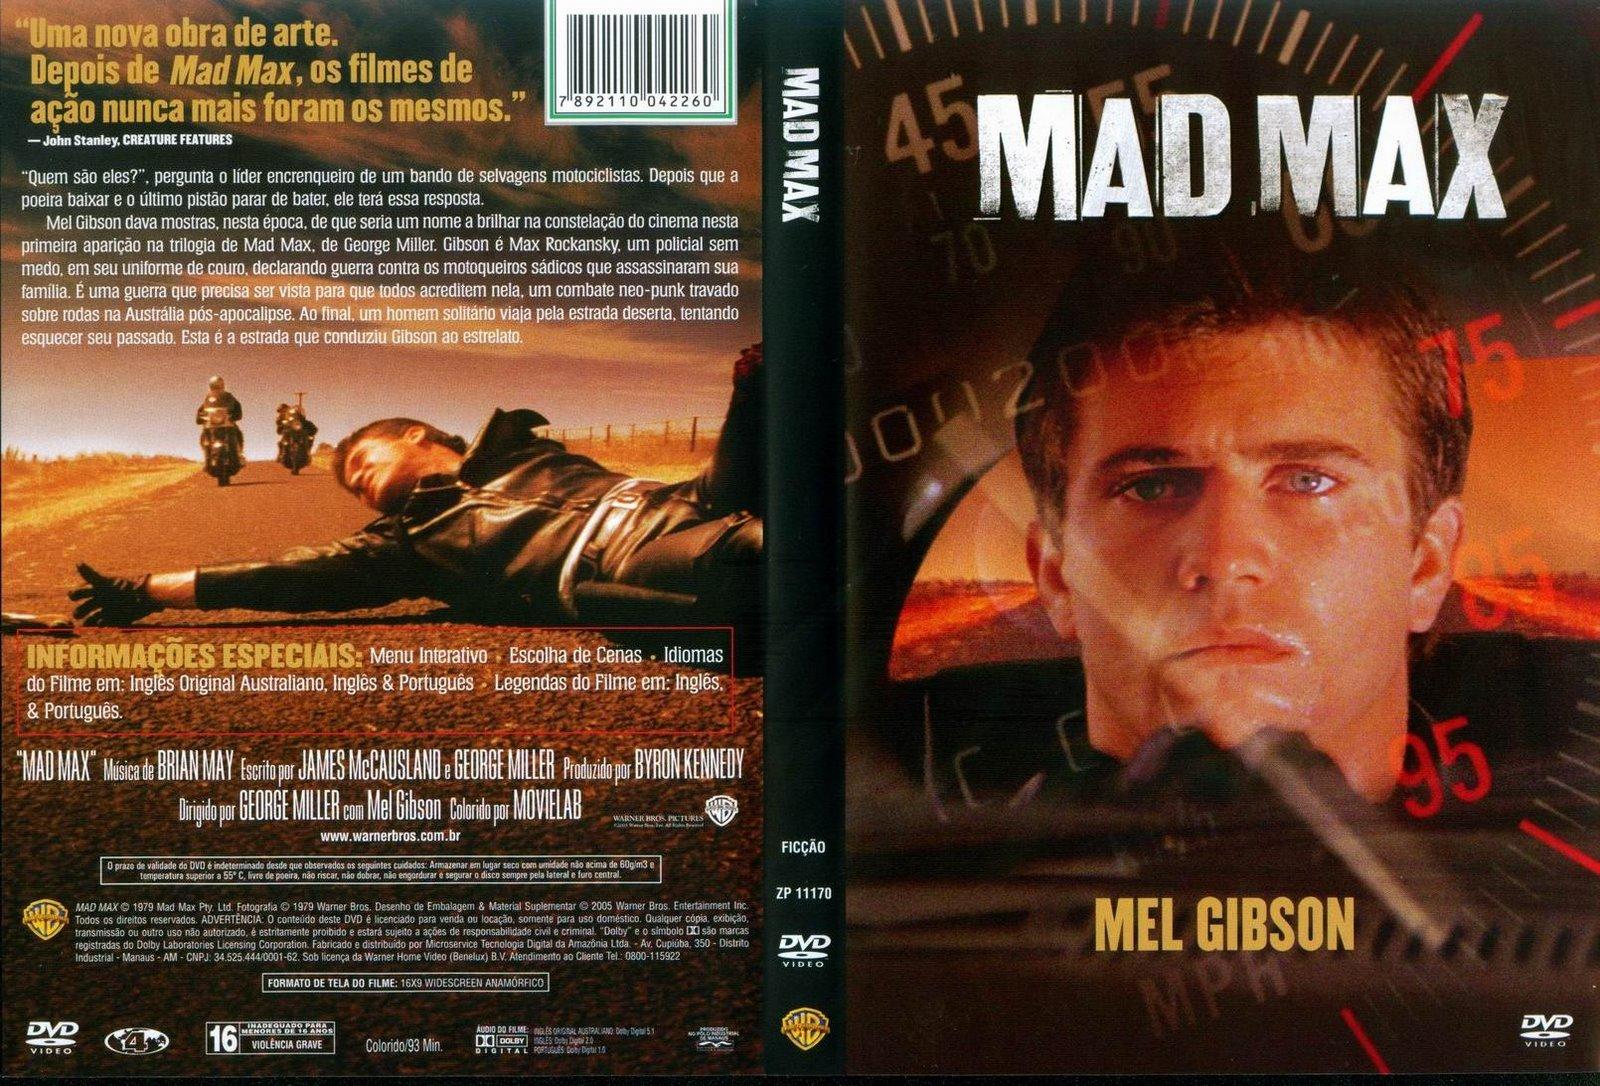 http://2.bp.blogspot.com/_pnOdTUC4iSY/TDR54gFJpwI/AAAAAAAAAH0/uI3q9FjrGgo/s1600/Mad+Max.jpg